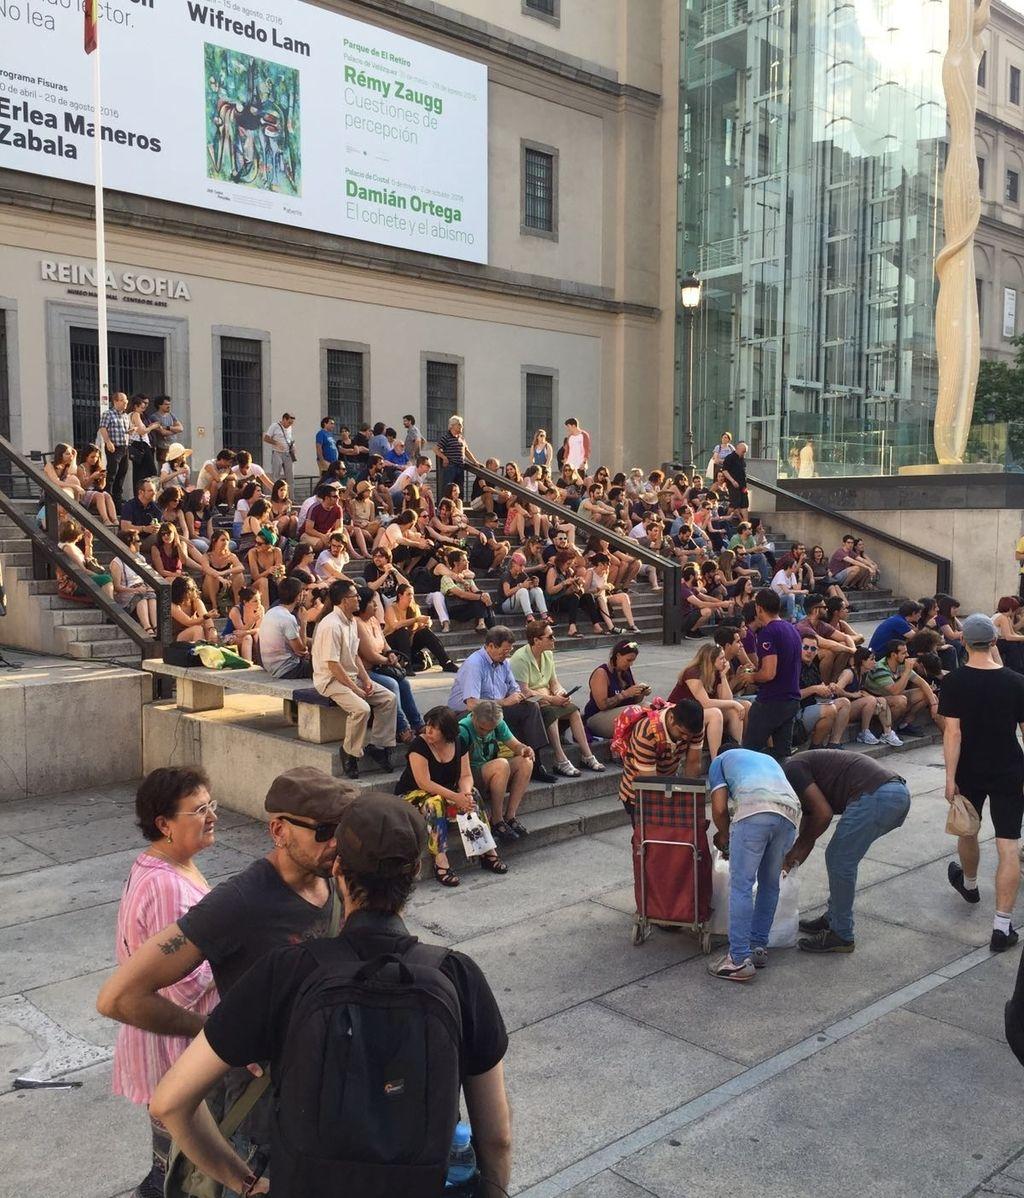 Los simpatizantes de Unidos Podemos, reunidos frente al Museo Reina Sofía